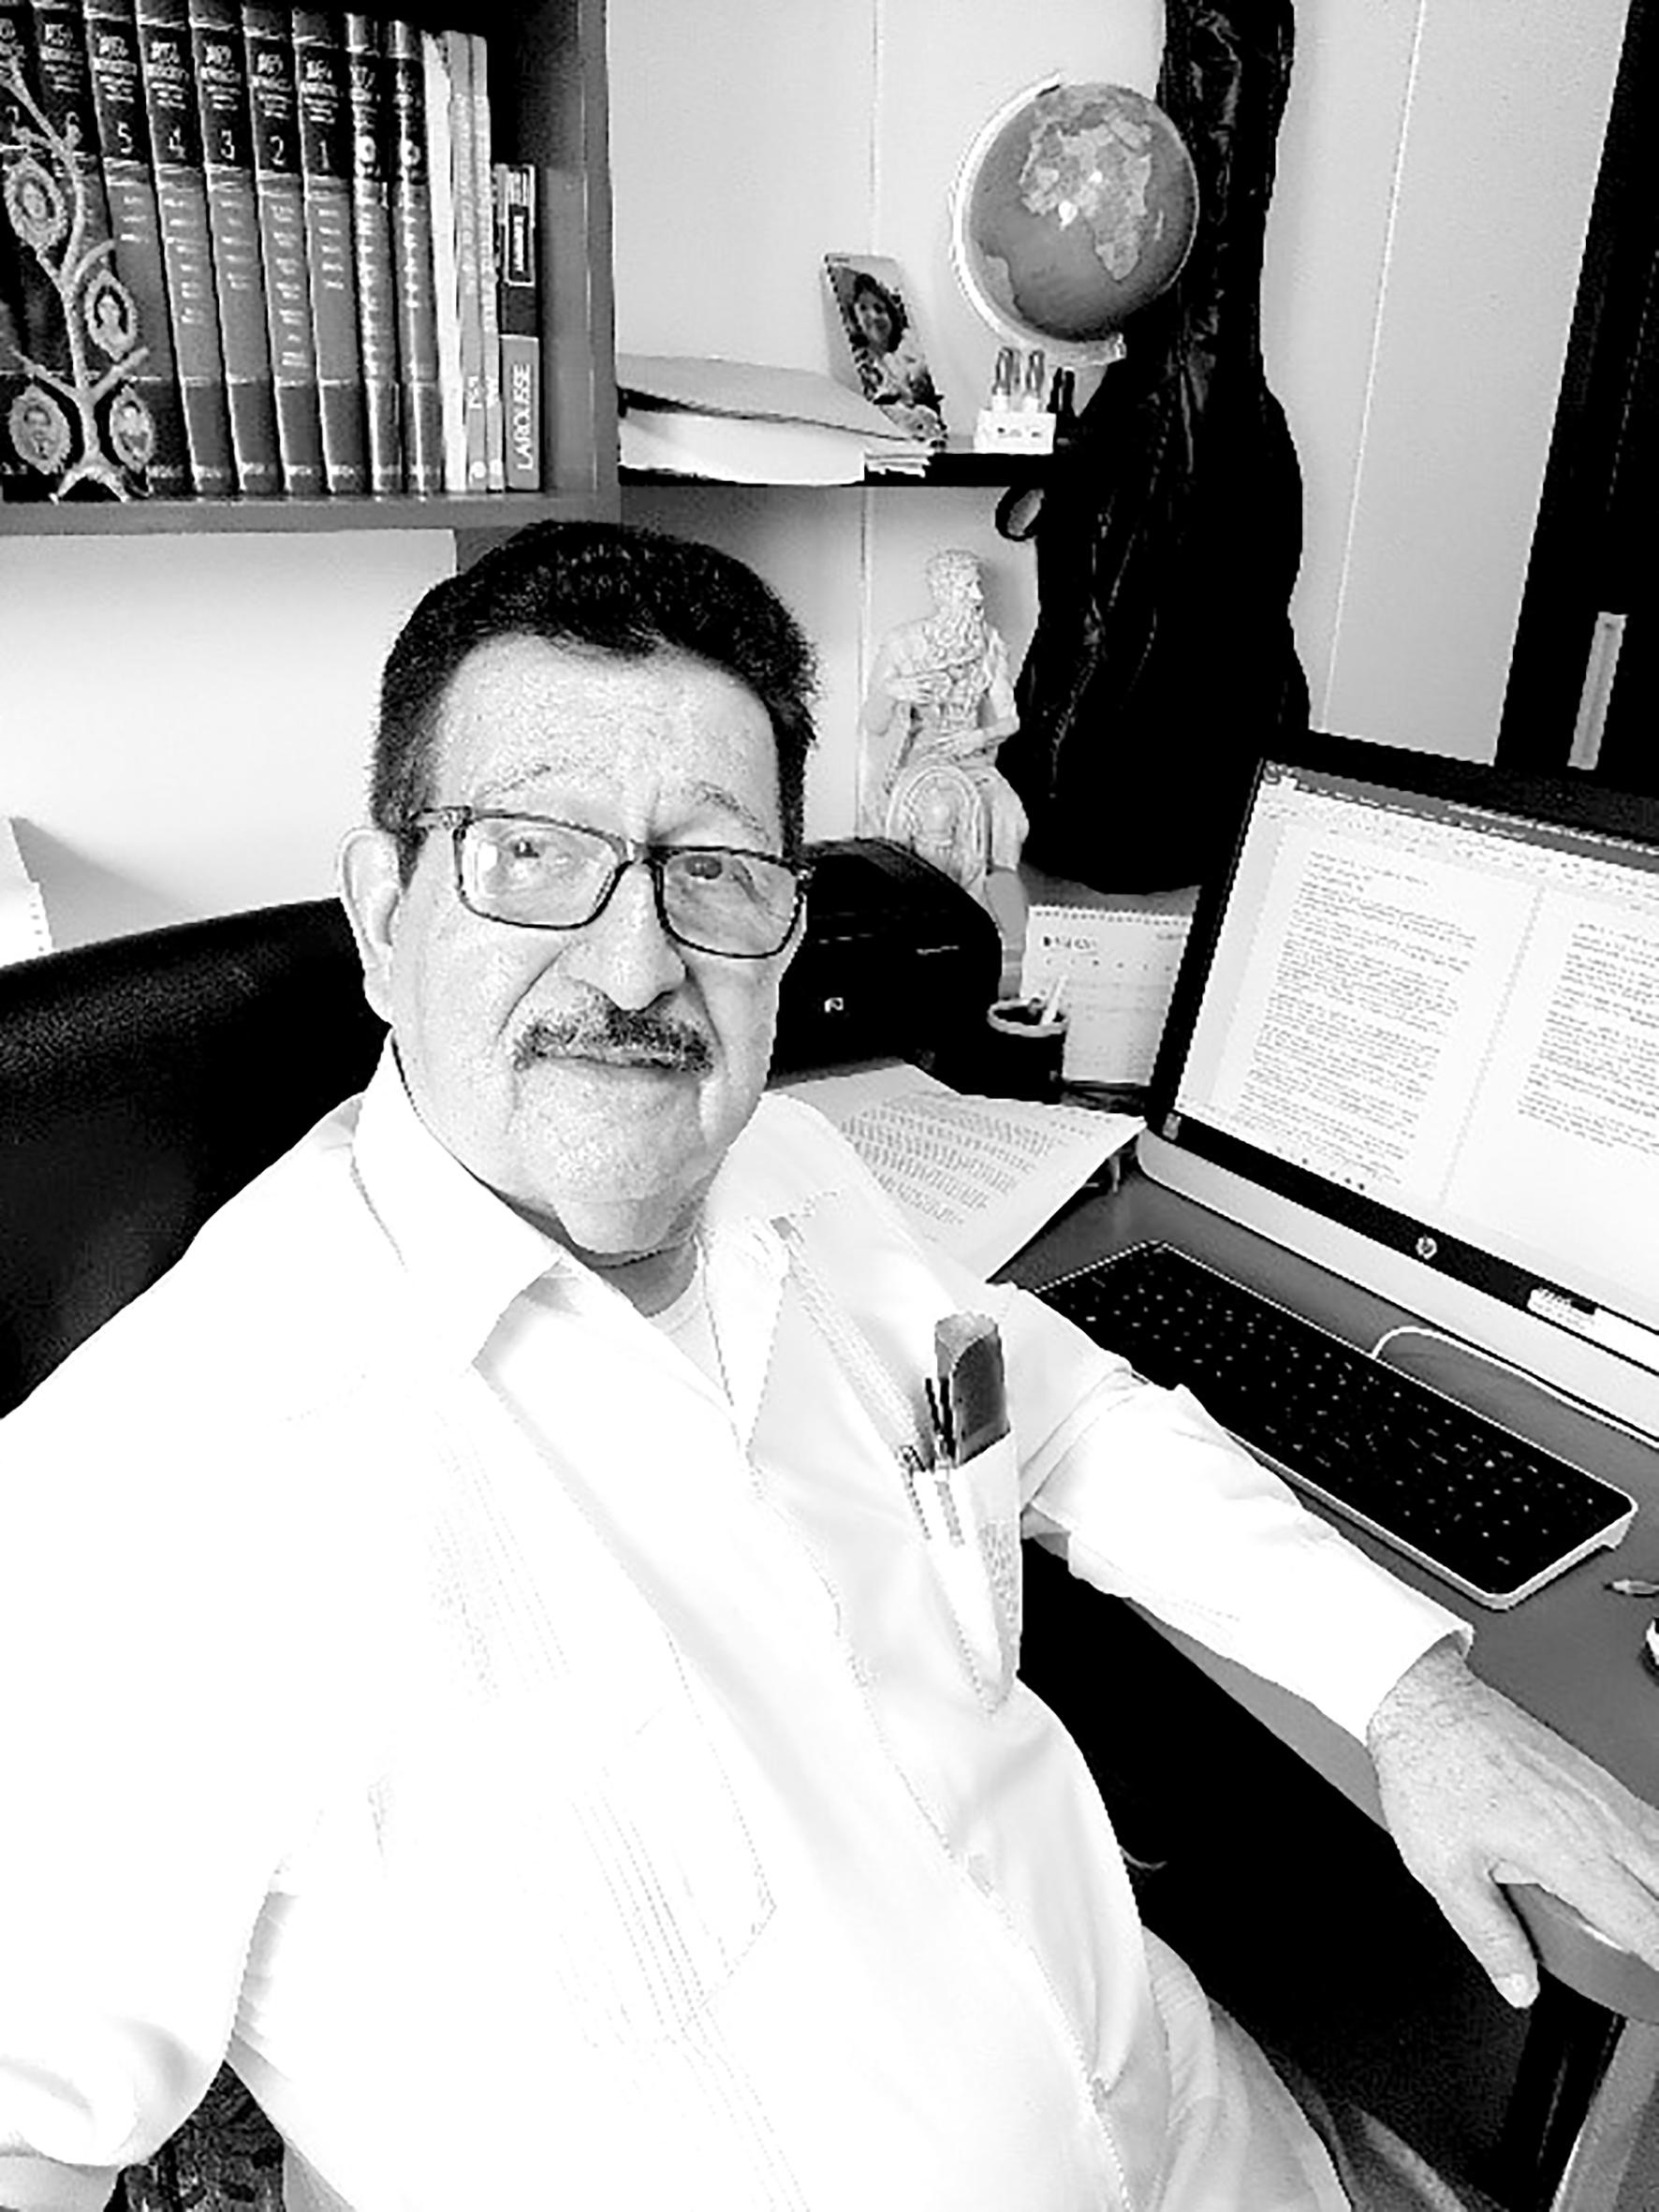 Señor Empresario Por: José Caicedo Solano* | Columnistas | Opinión | EL FRENTE